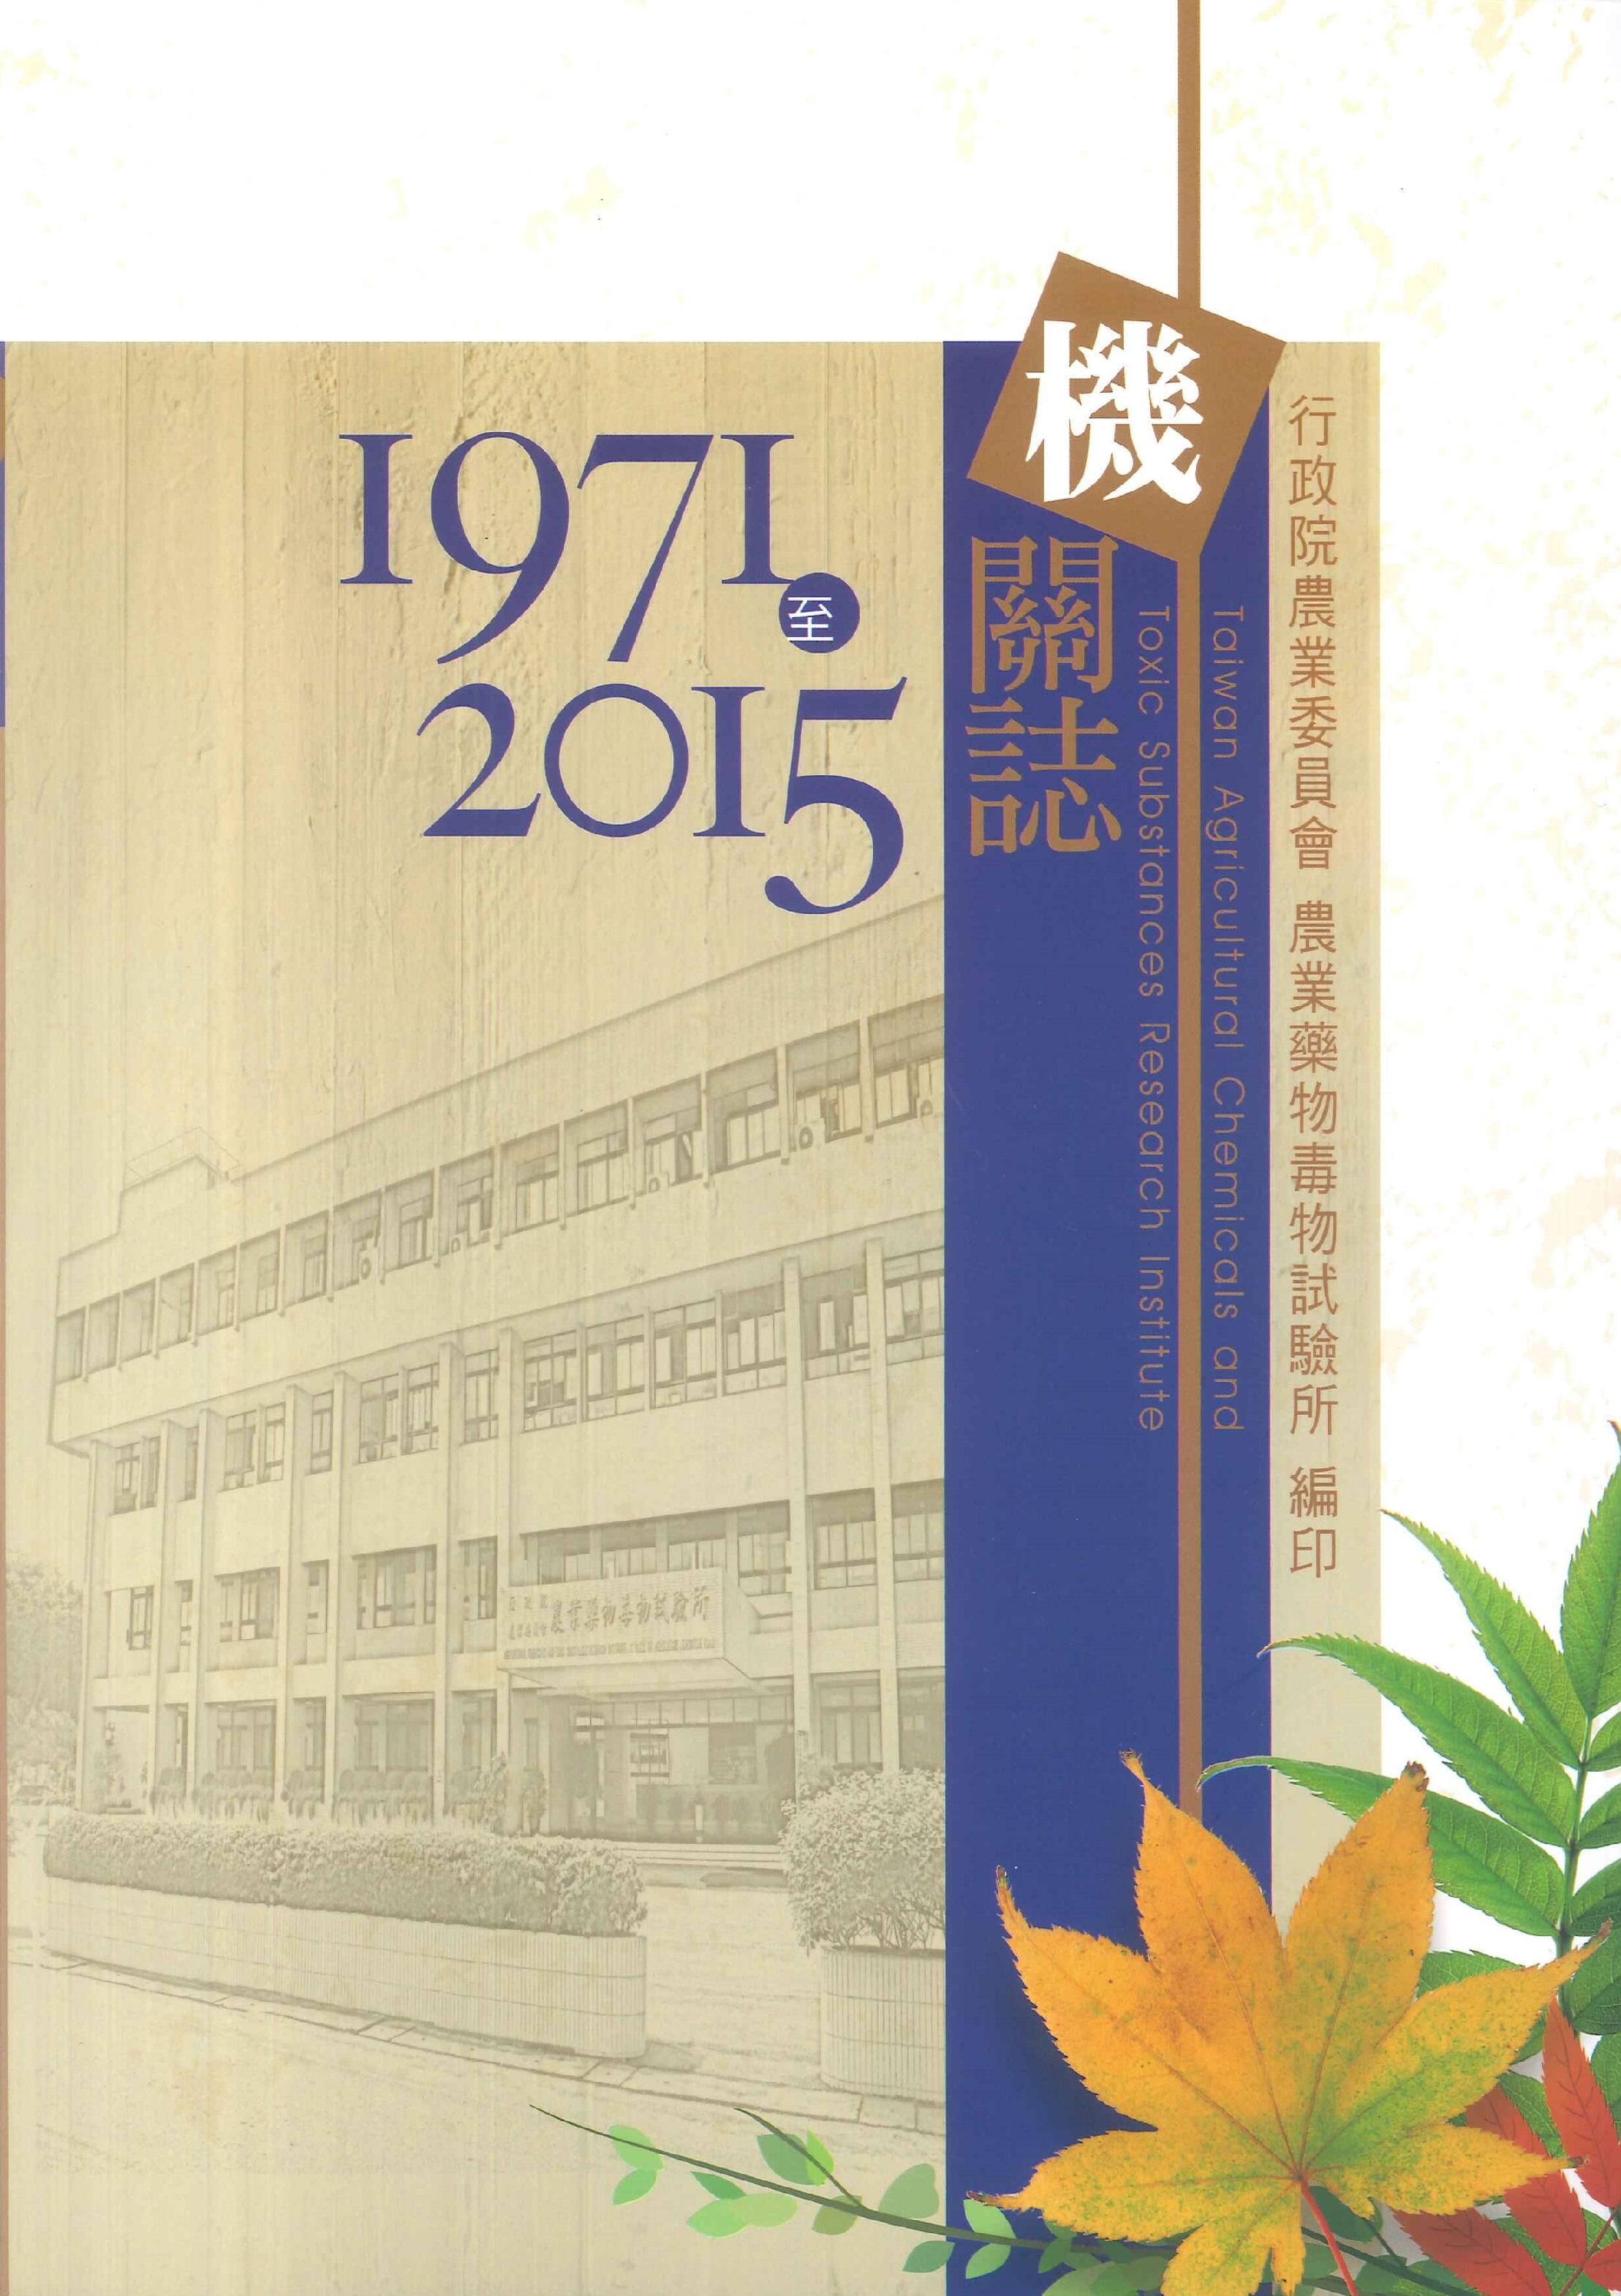 行政院農業委員會農業藥物毒物試驗所機關誌:1971至2015